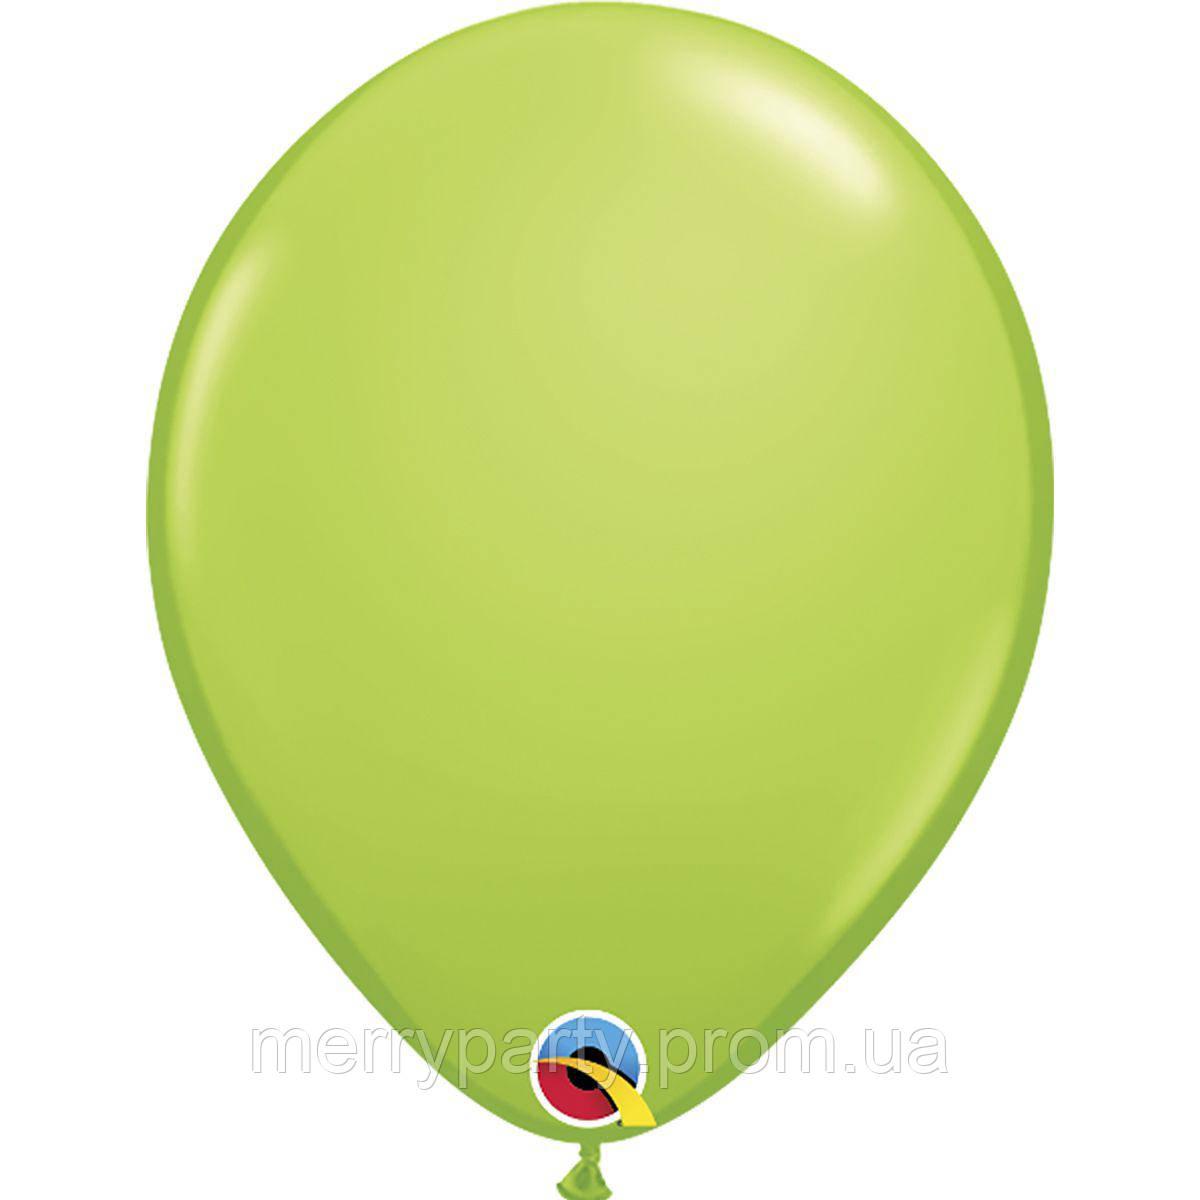 """11"""" (28 см) пастель салатовый Lime Green Qualatex США латексный шар"""